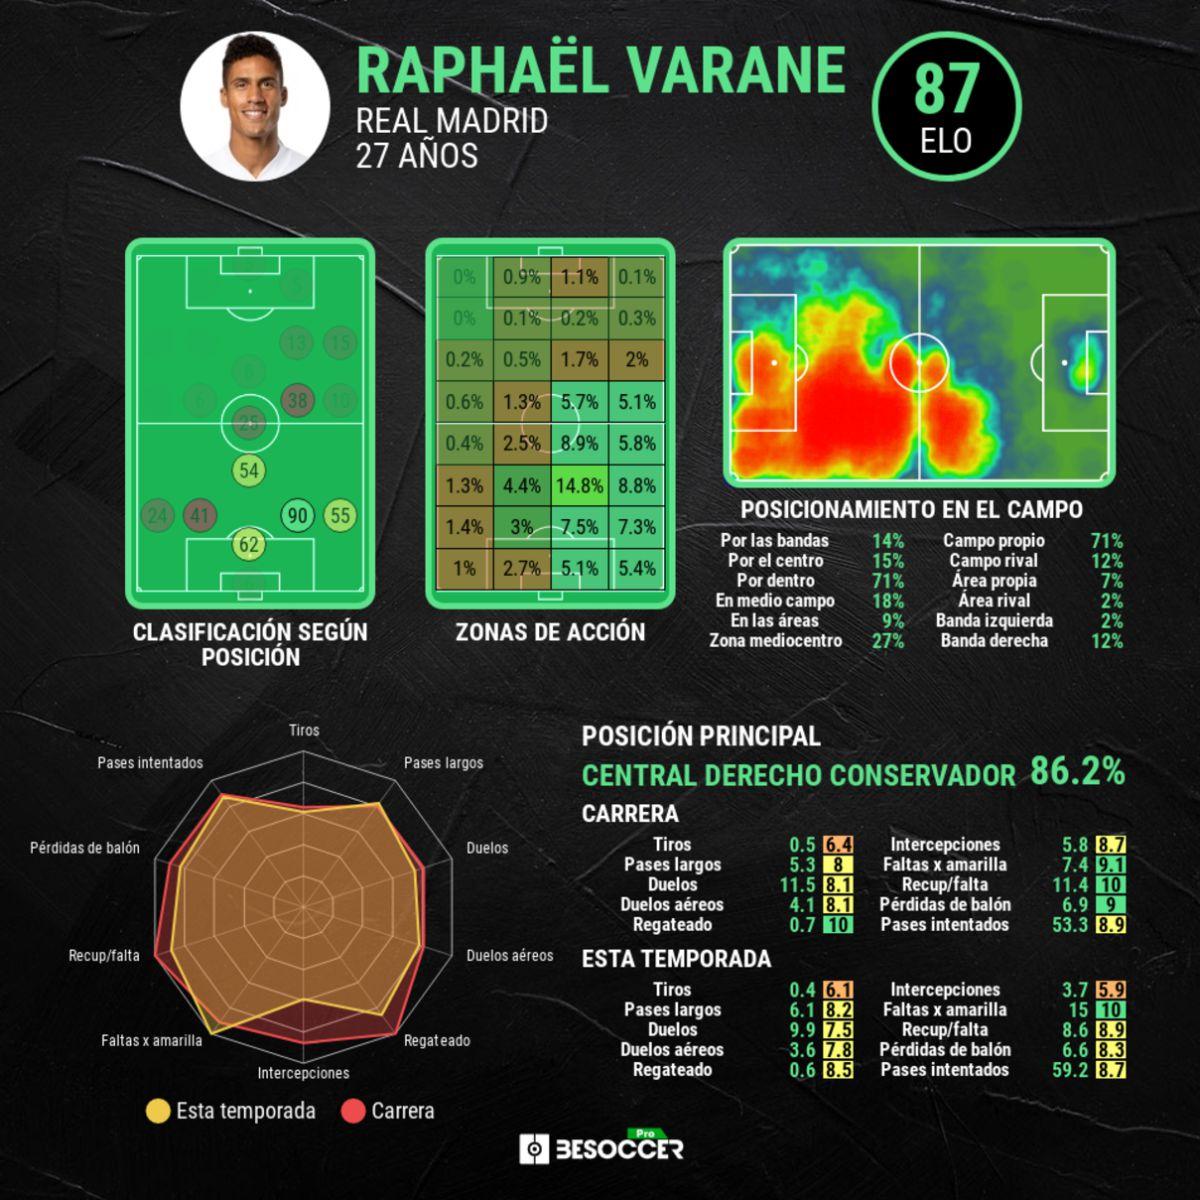 Rapharl Varane